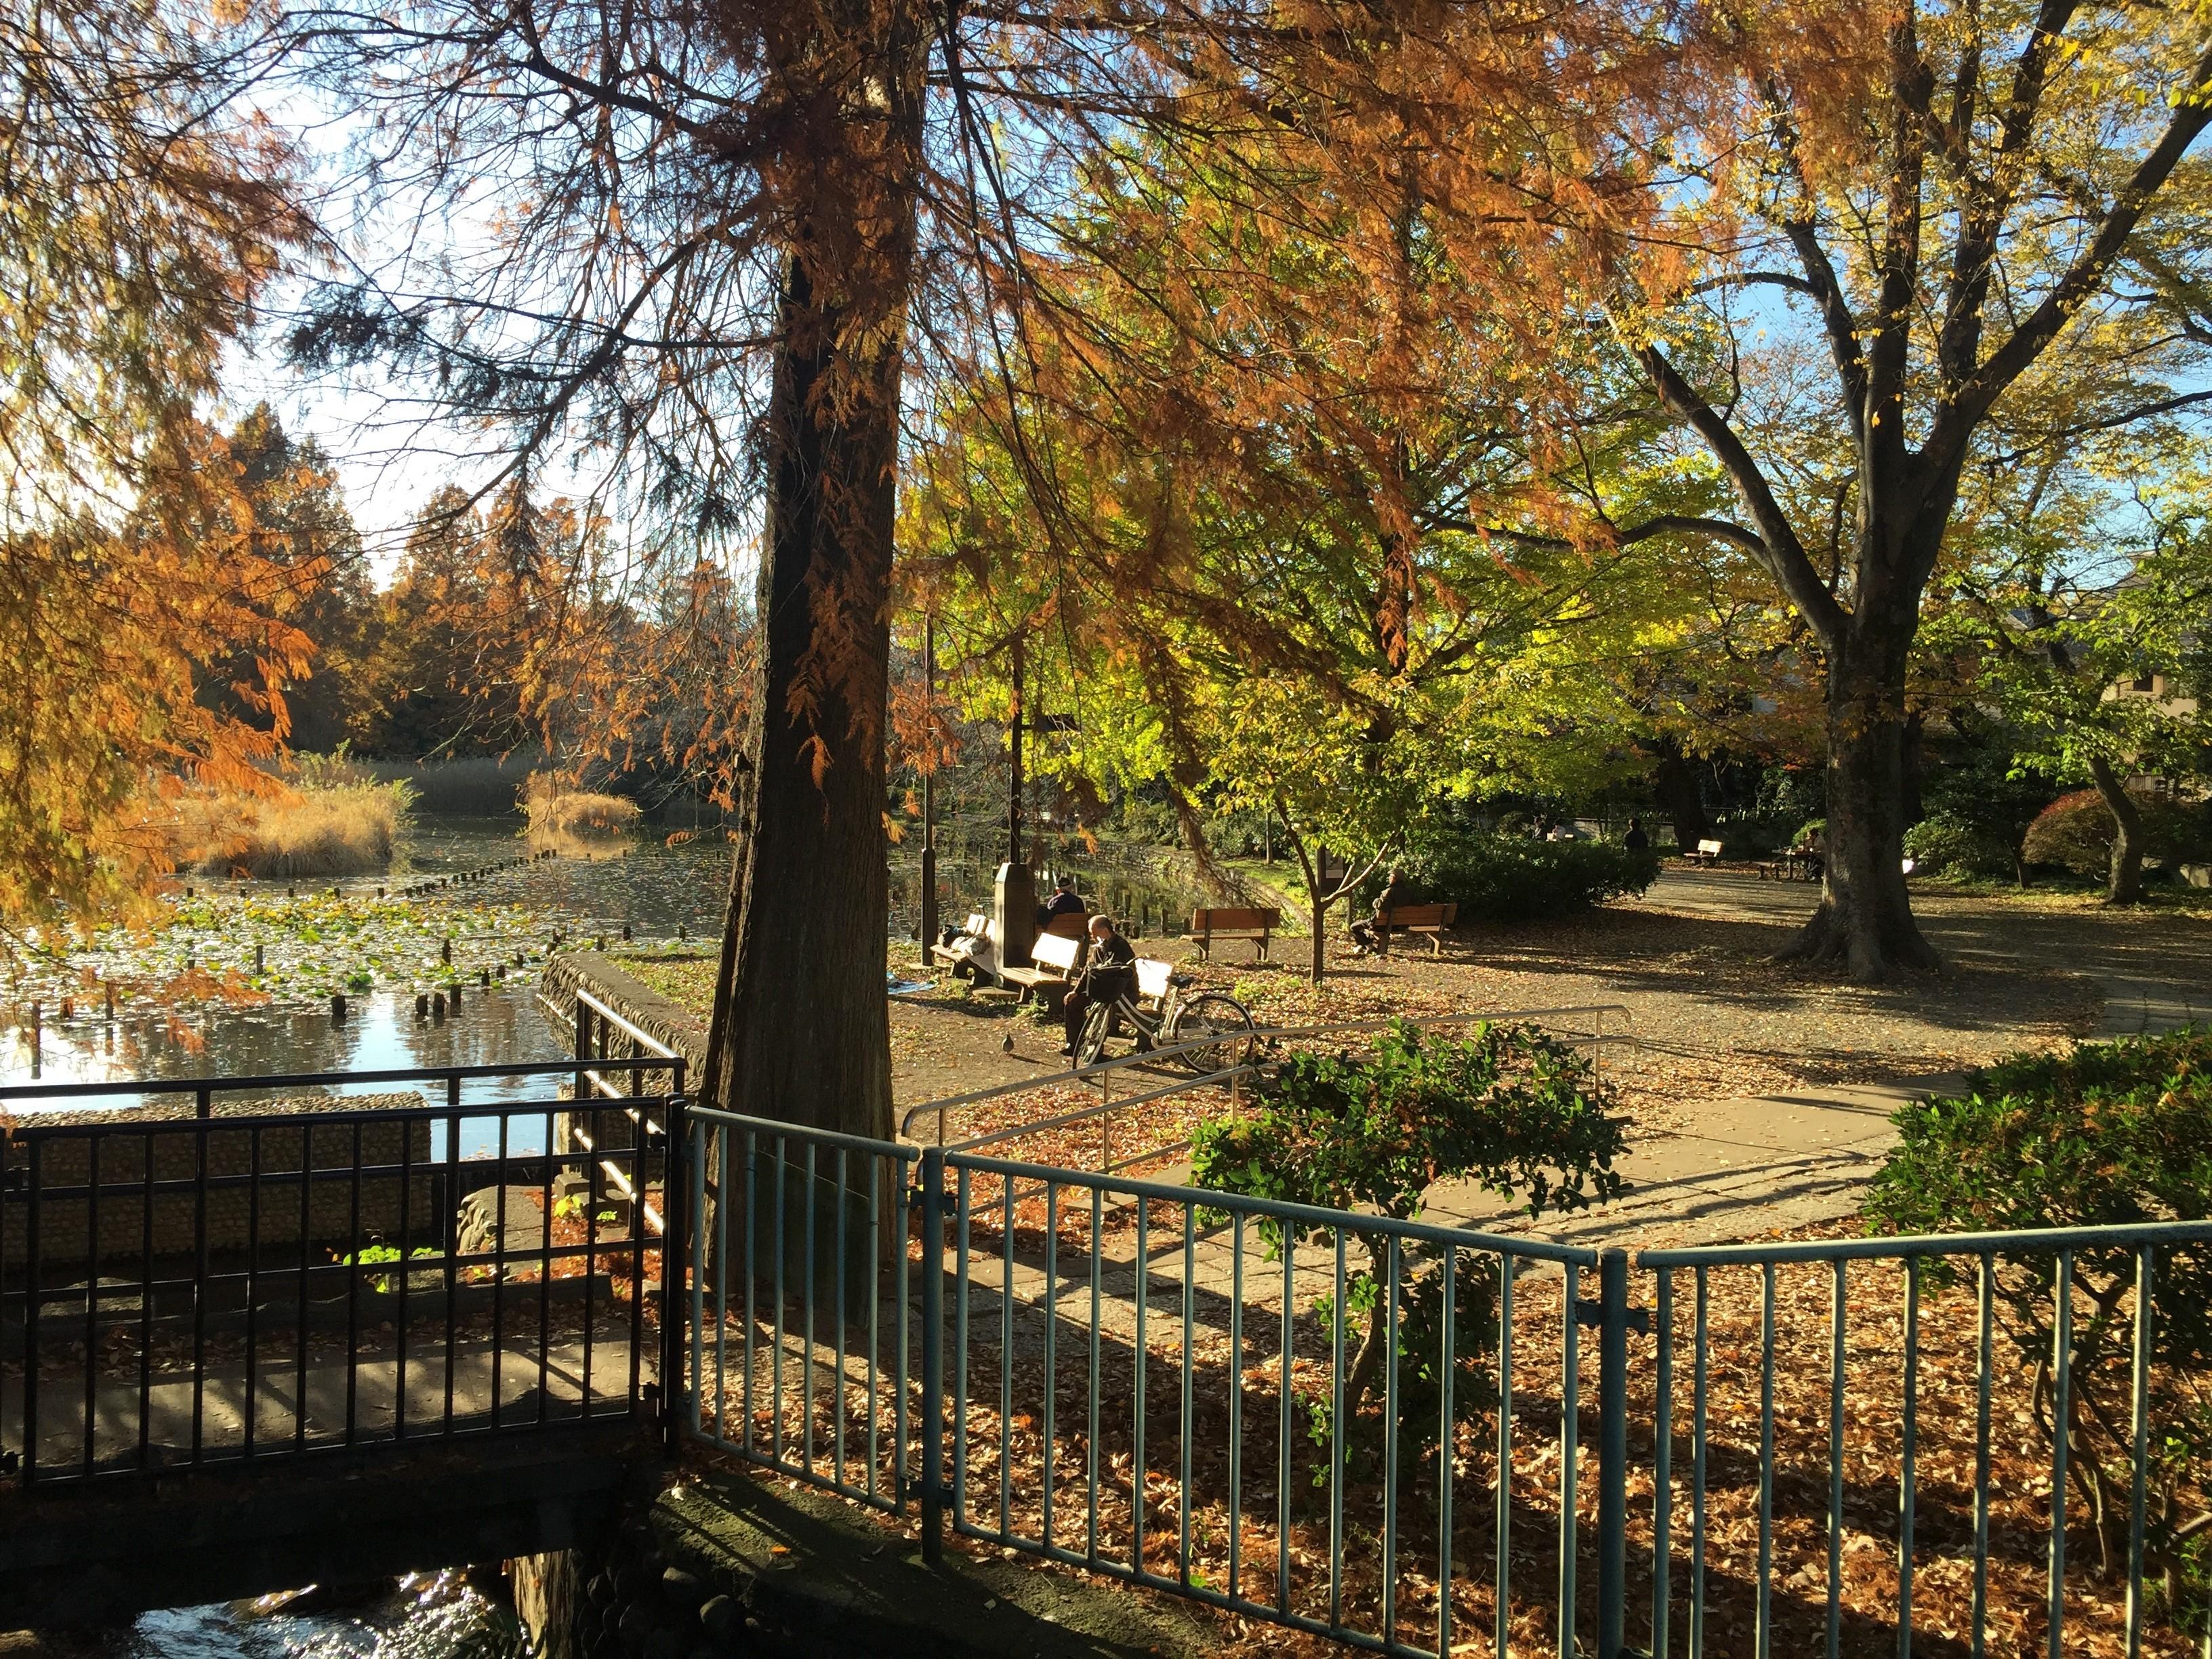 【吉祥寺】都内のプール付き大豪邸をまるまる貸切できる!「Park side villa東京」